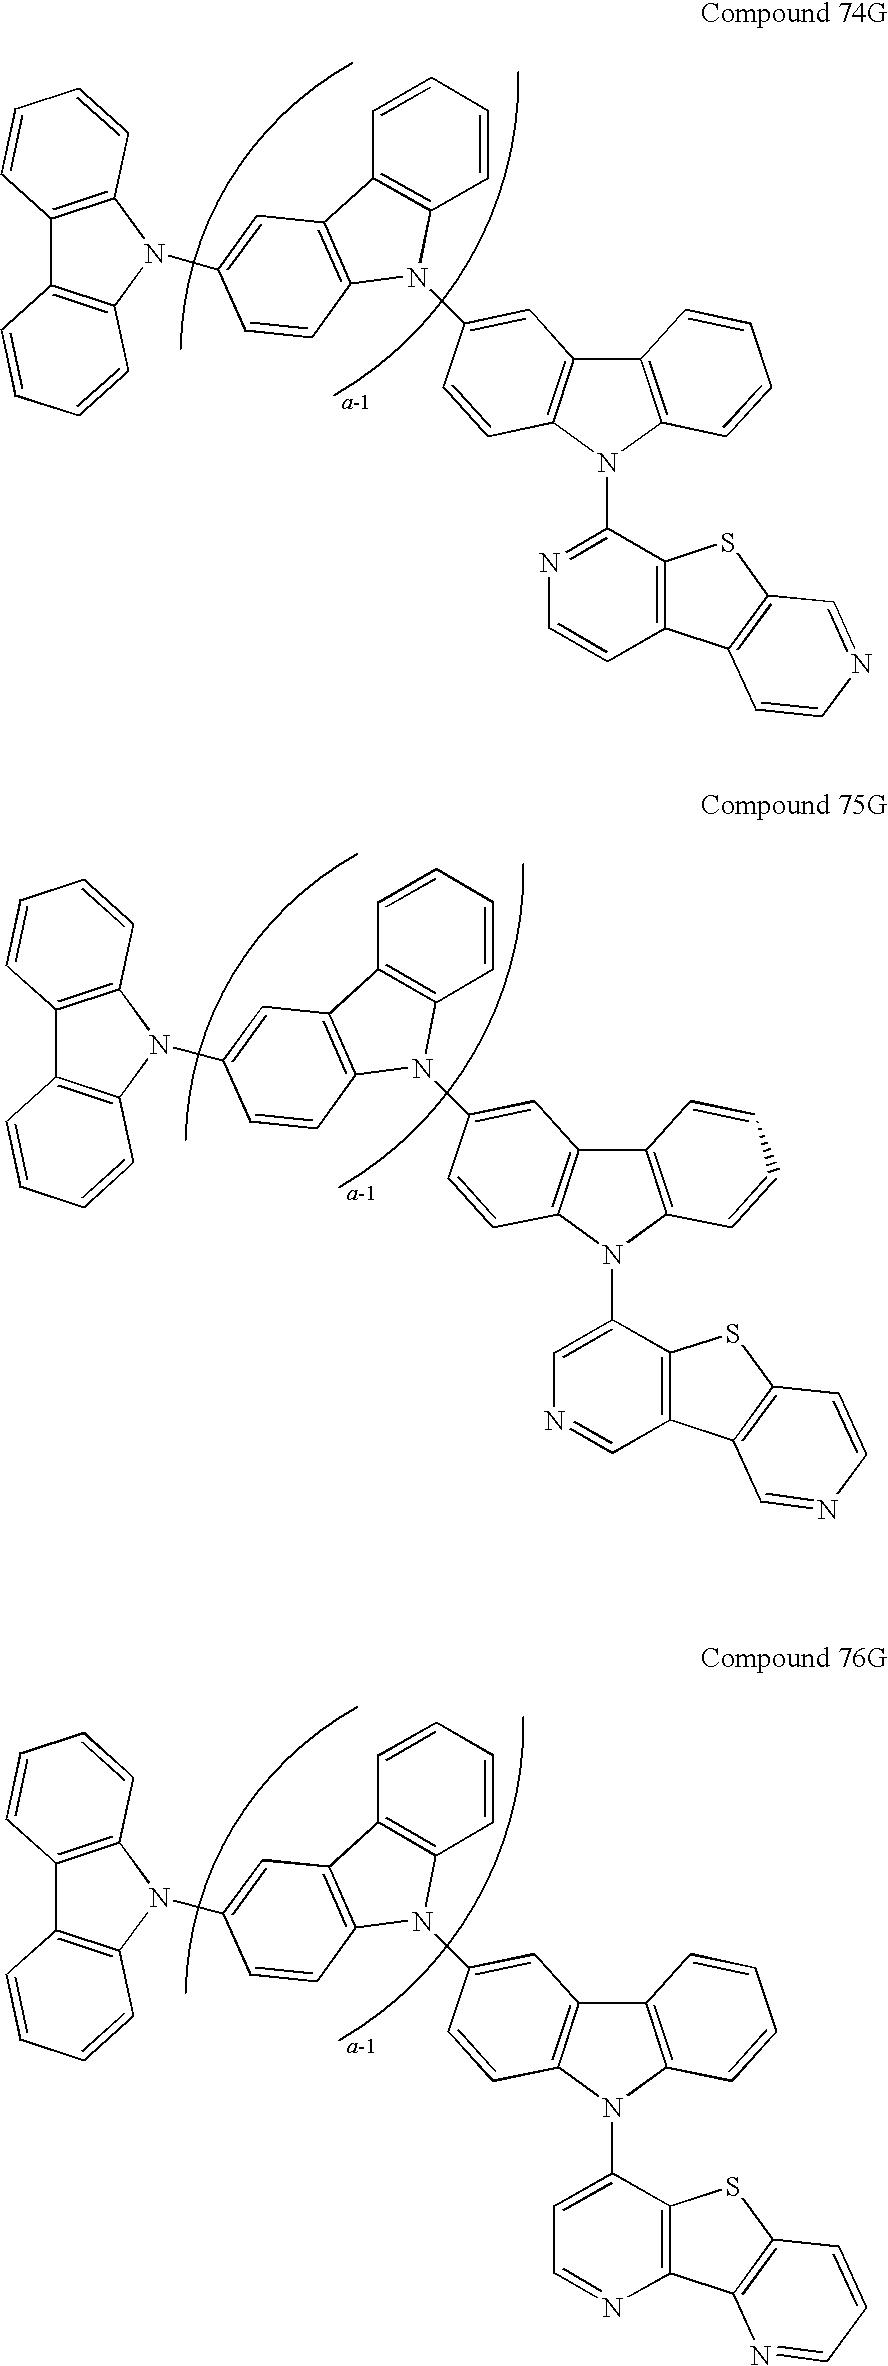 Figure US20090134784A1-20090528-C00180